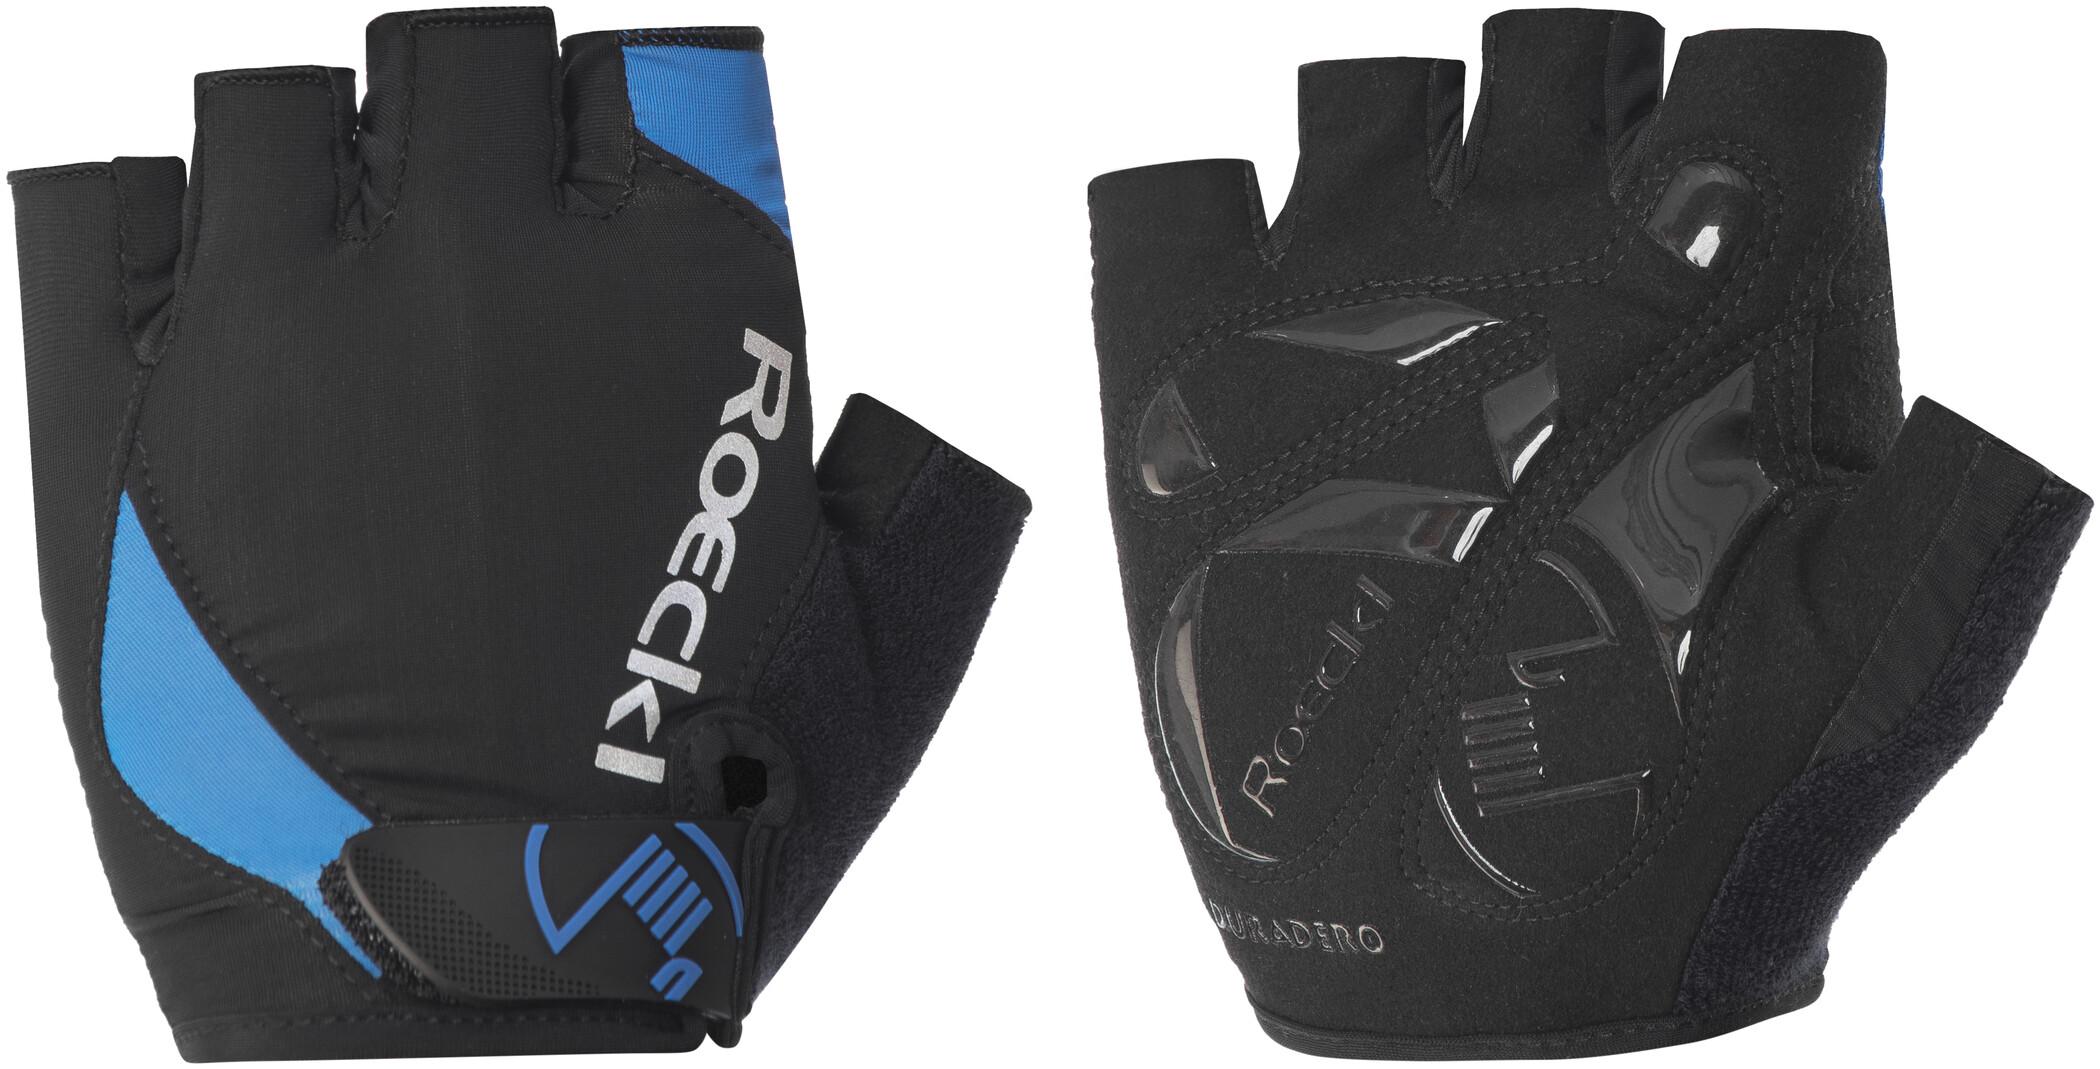 Roeckl Baku Cykelhandsker, black/blue (2019) | Gloves